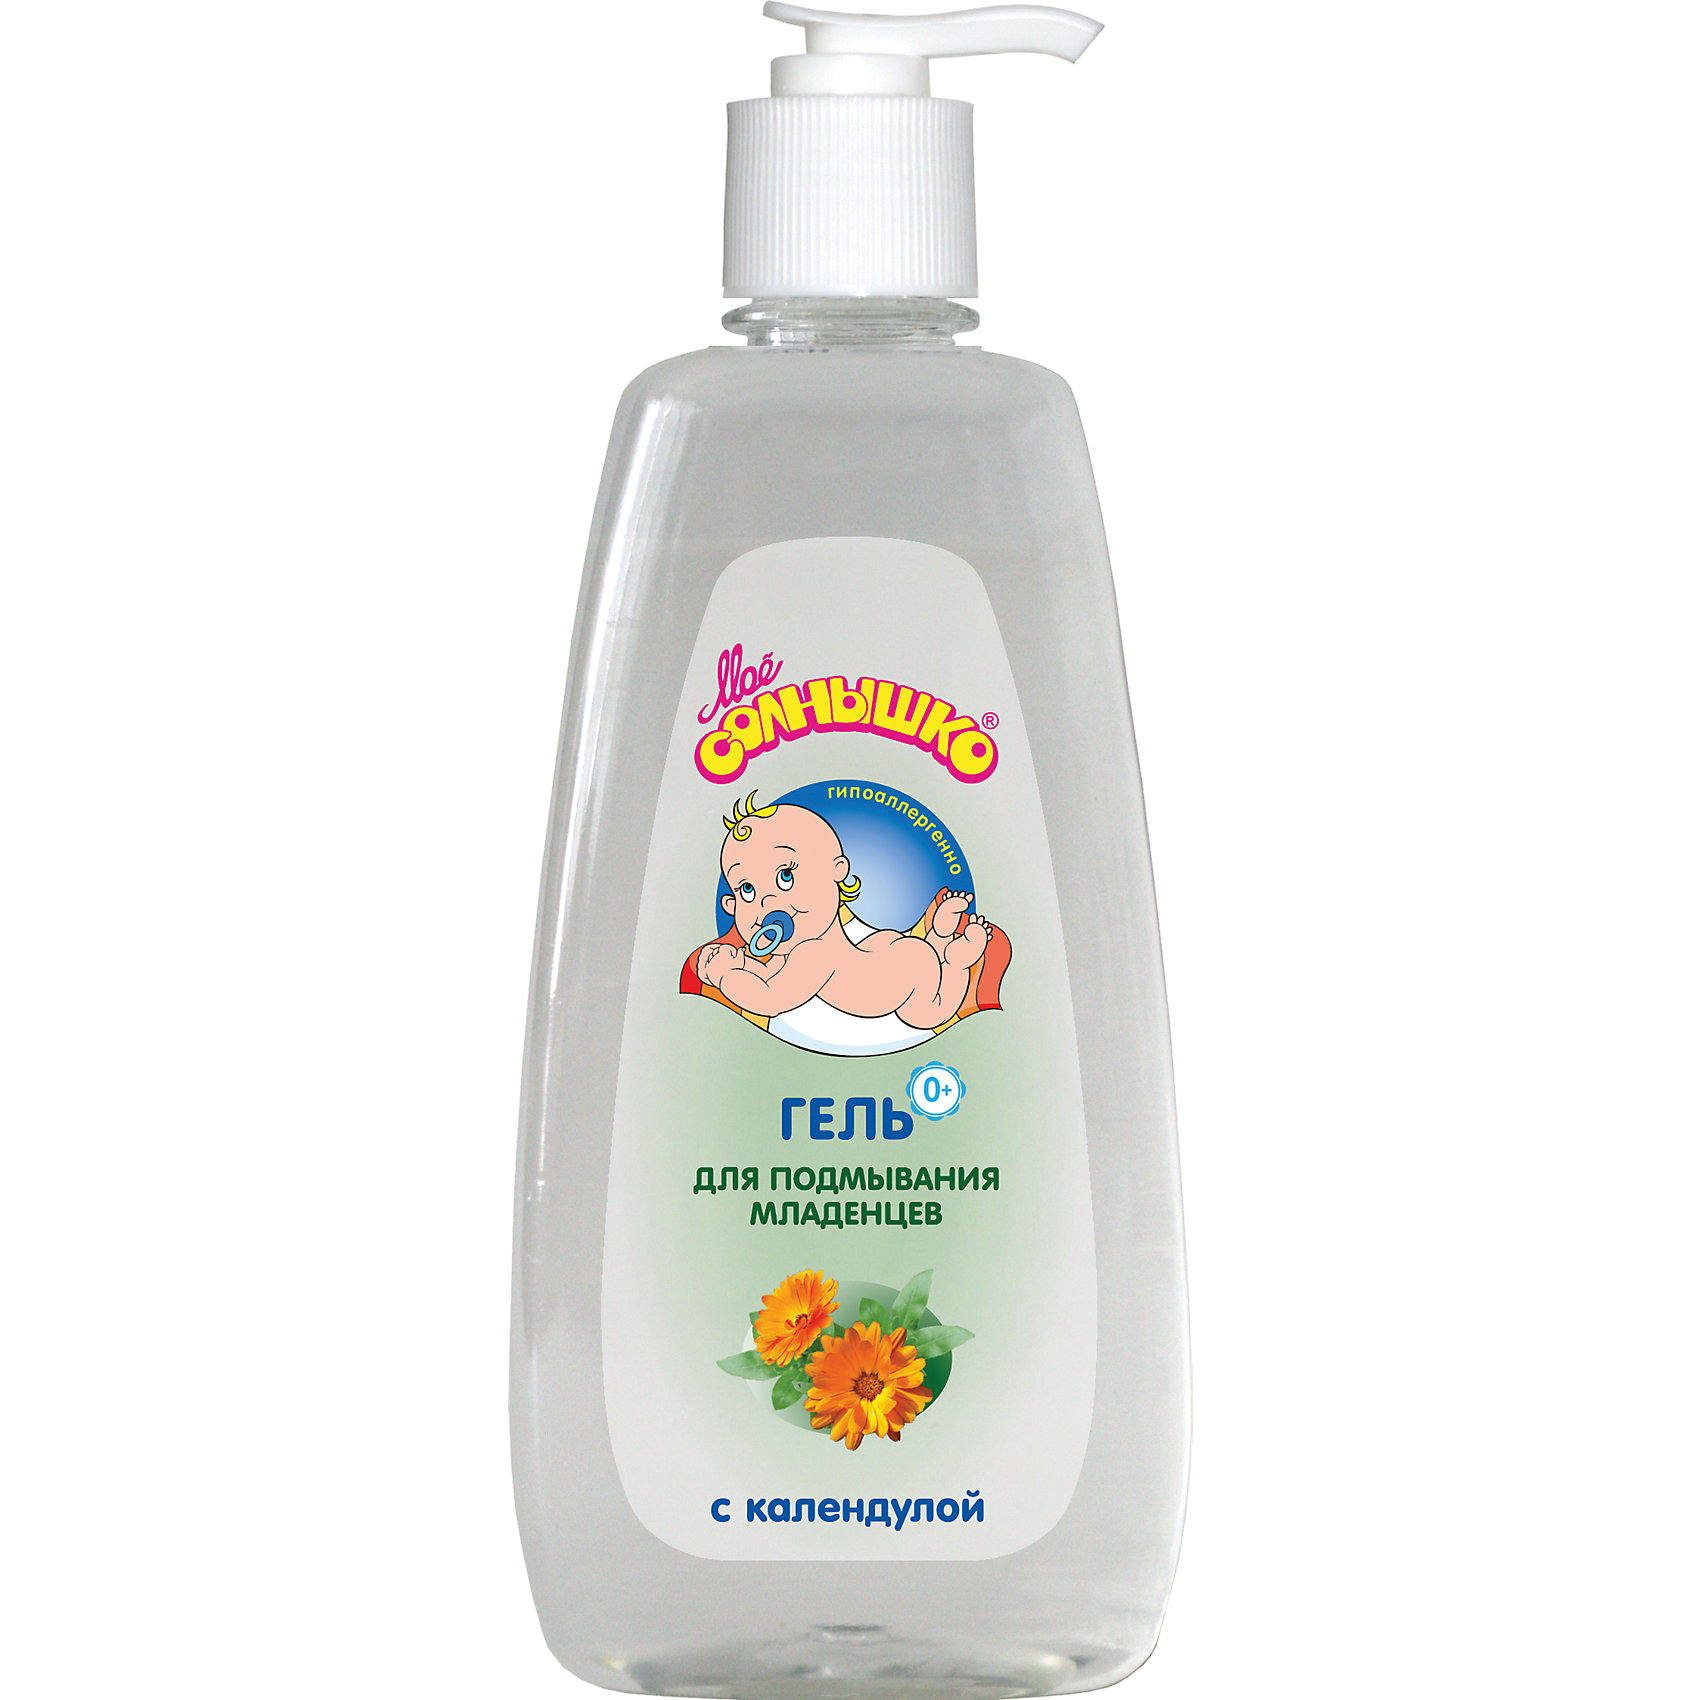 Гель для подмывания младенцев с календулой 200 мл, Моё солнышкоГель для подмывания младенцев Мое солнышко с календулой 200 мл, – мягкий гель для интимной гигиены с экстрактом календулы. Рекомендован для детей с первых дней жизни. Мягкая pH формула не сушит кожу и не раздражает слизистые. Подходит для частого использования.<br><br>Ширина мм: 65<br>Глубина мм: 50<br>Высота мм: 180<br>Вес г: 220<br>Возраст от месяцев: 0<br>Возраст до месяцев: 24<br>Пол: Унисекс<br>Возраст: Детский<br>SKU: 4124462